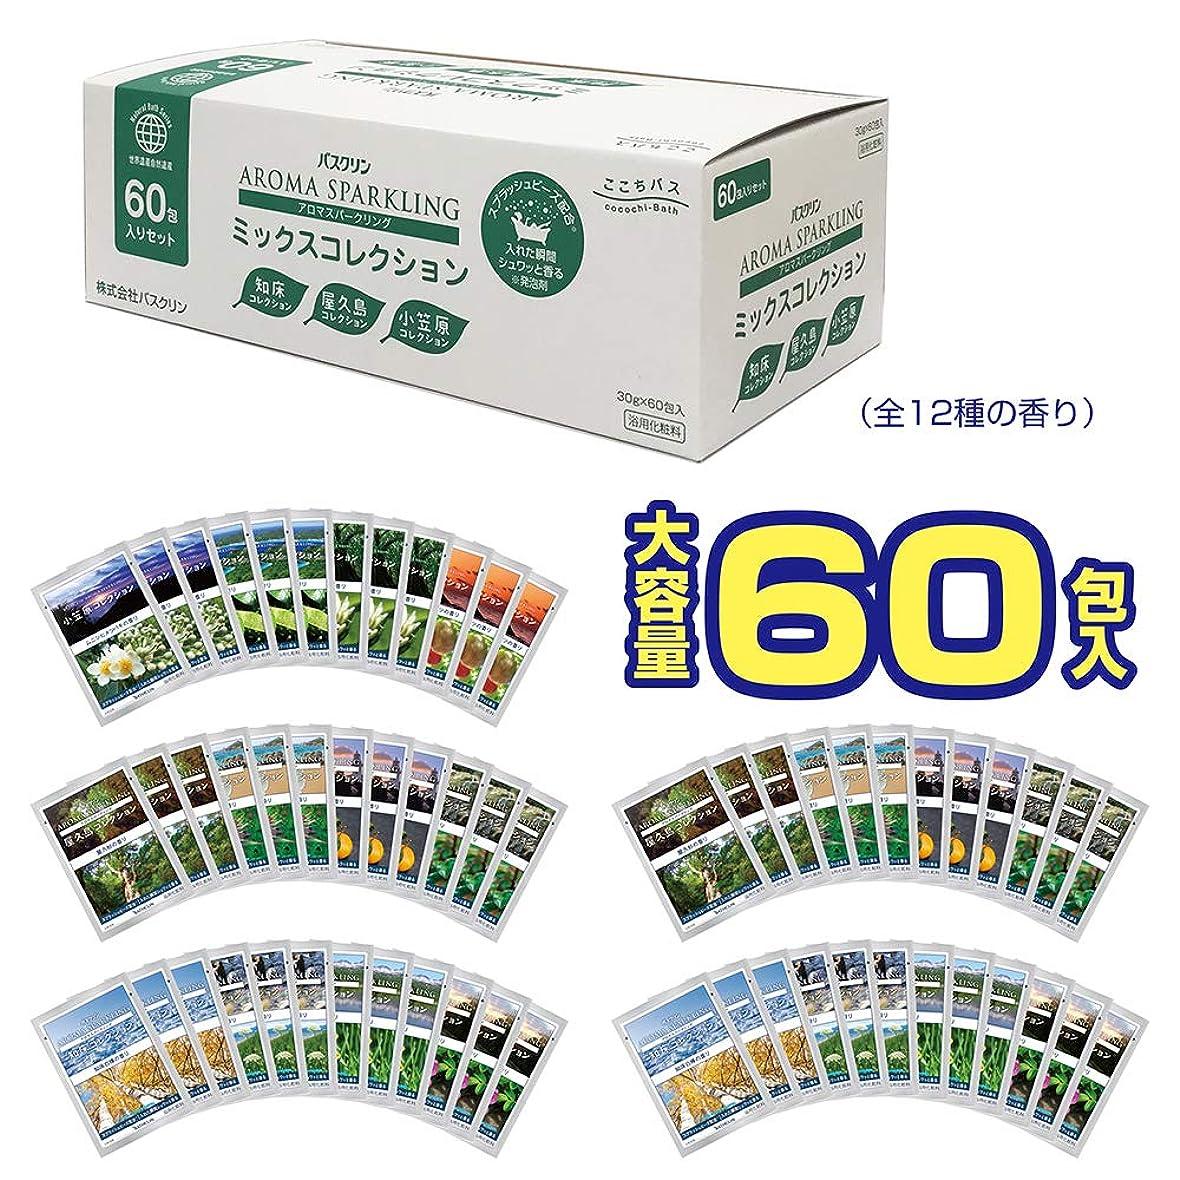 付添人事故突進【Amazon限定ブランド】ここちバス バスクリン 入浴剤  アロマスパークリング ミックスコレクション 60包入り 個包装 詰め合わせ